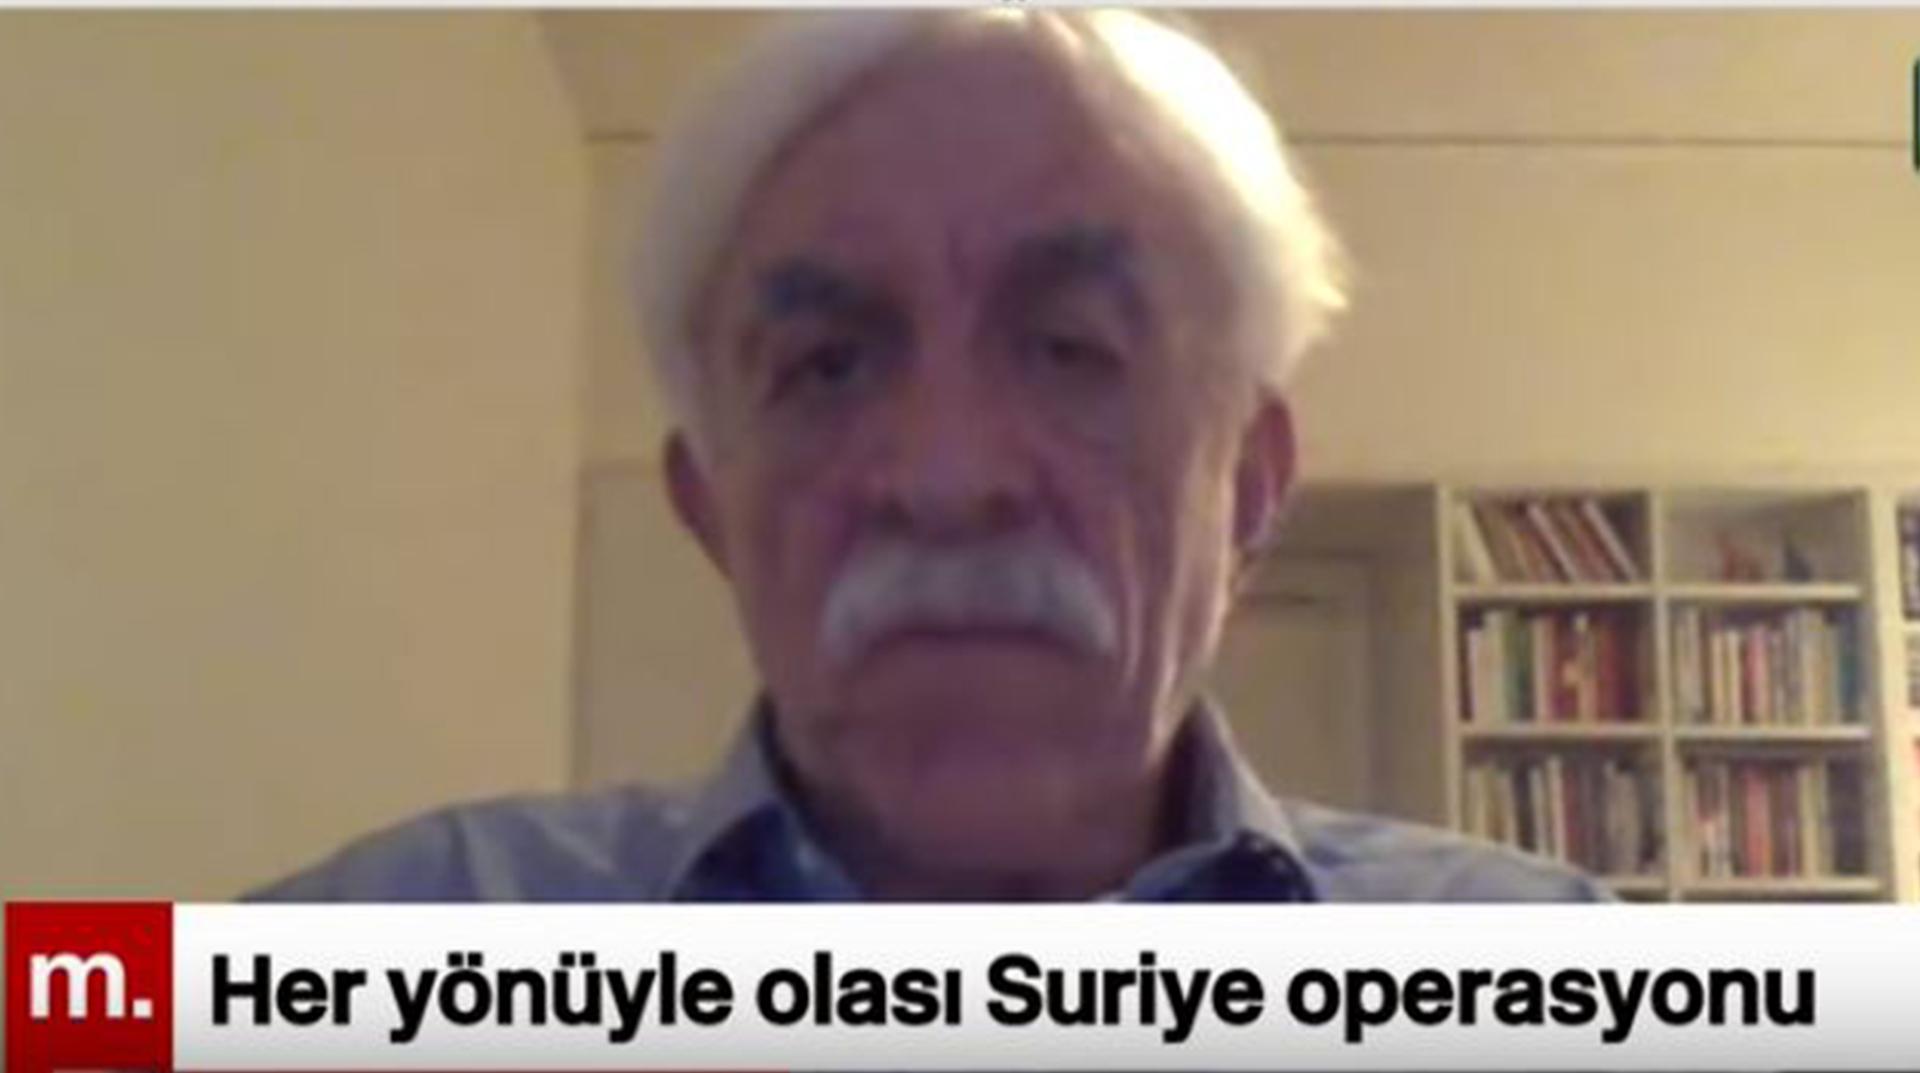 Cengiz Çandar Suriye Operasyonunu Değerlendirdi